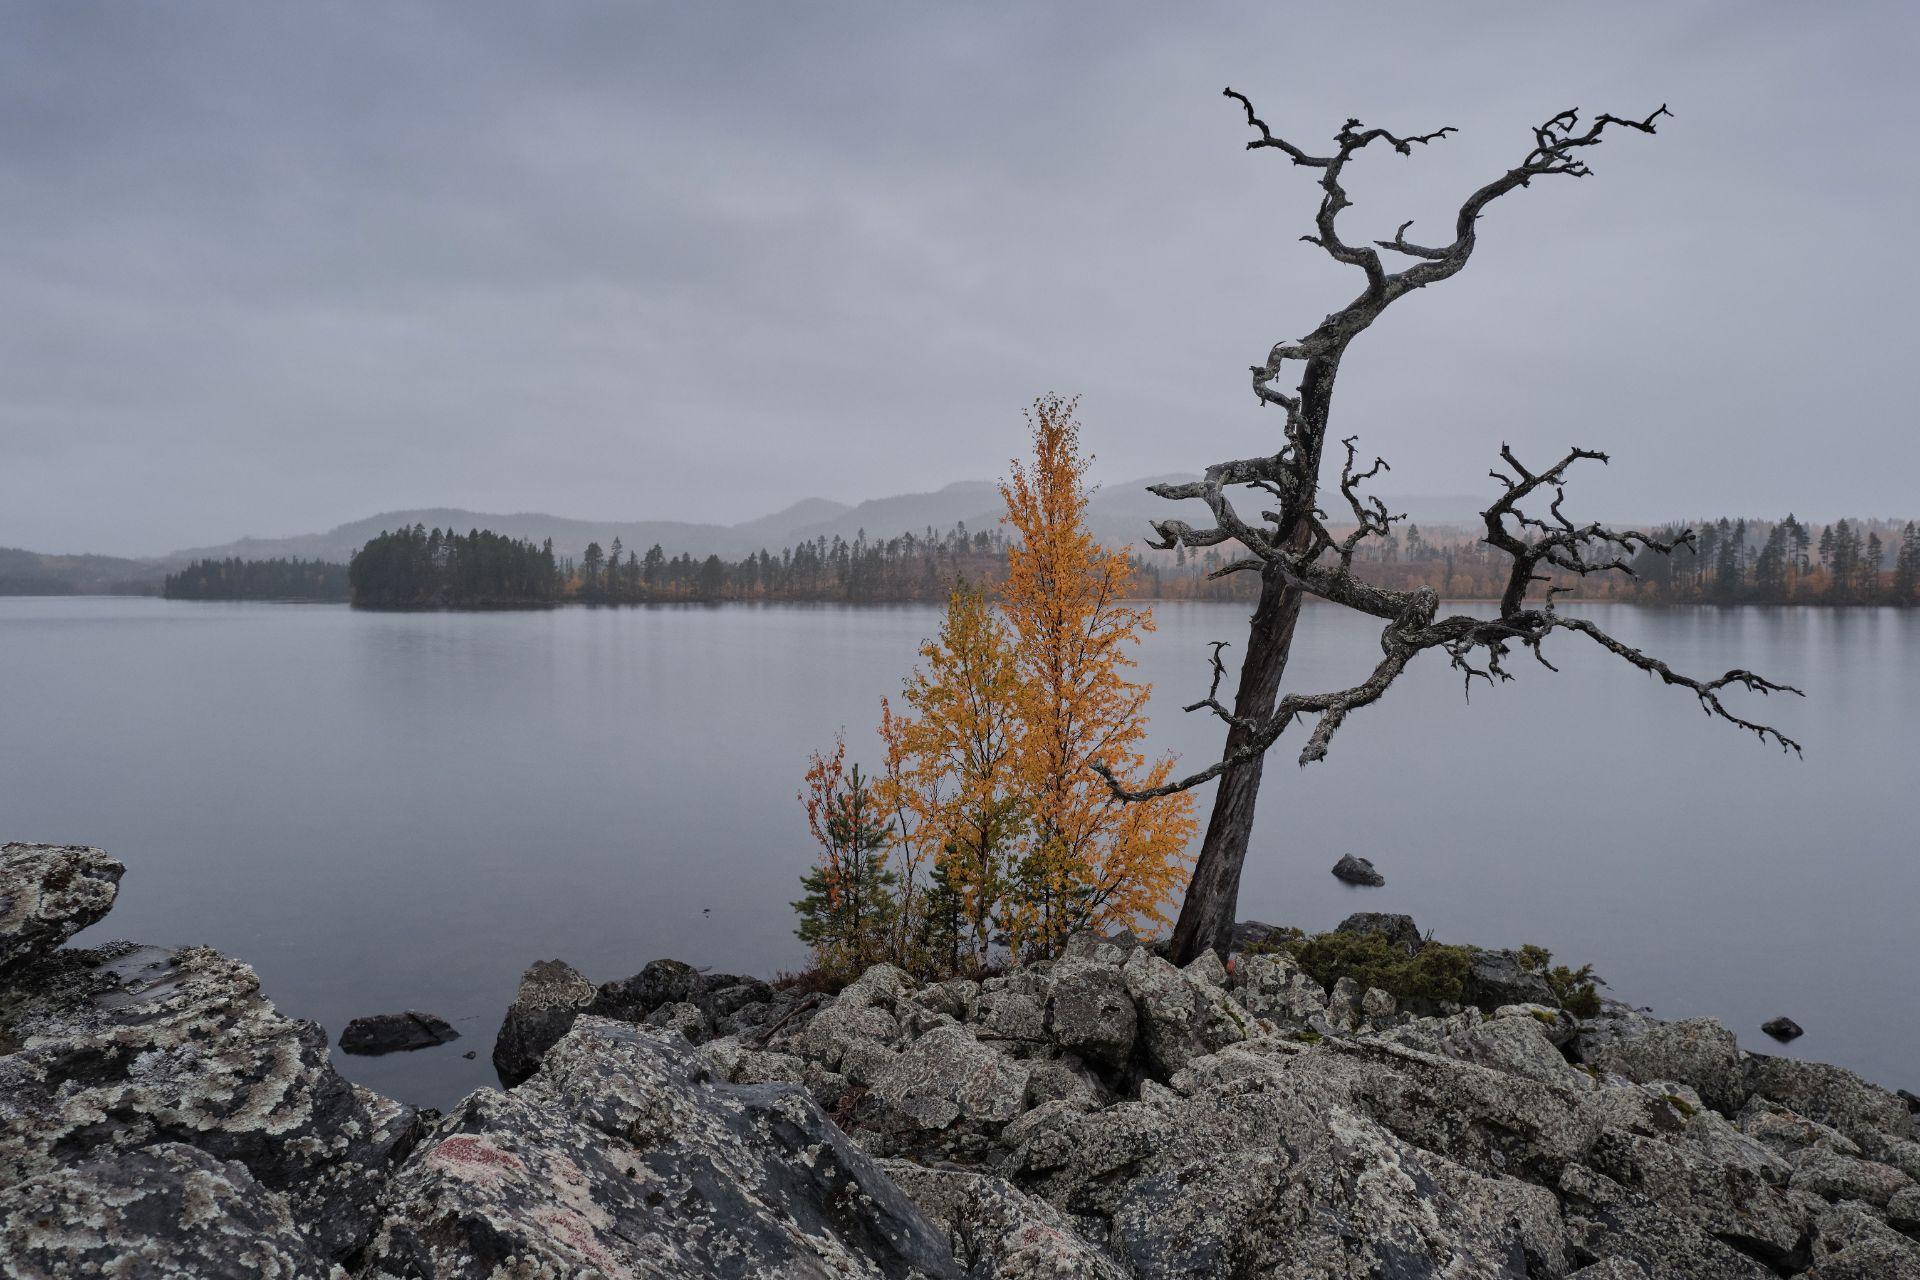 Stor-Kingen i Hotagsbygden. Foto © Jörgen Språng.